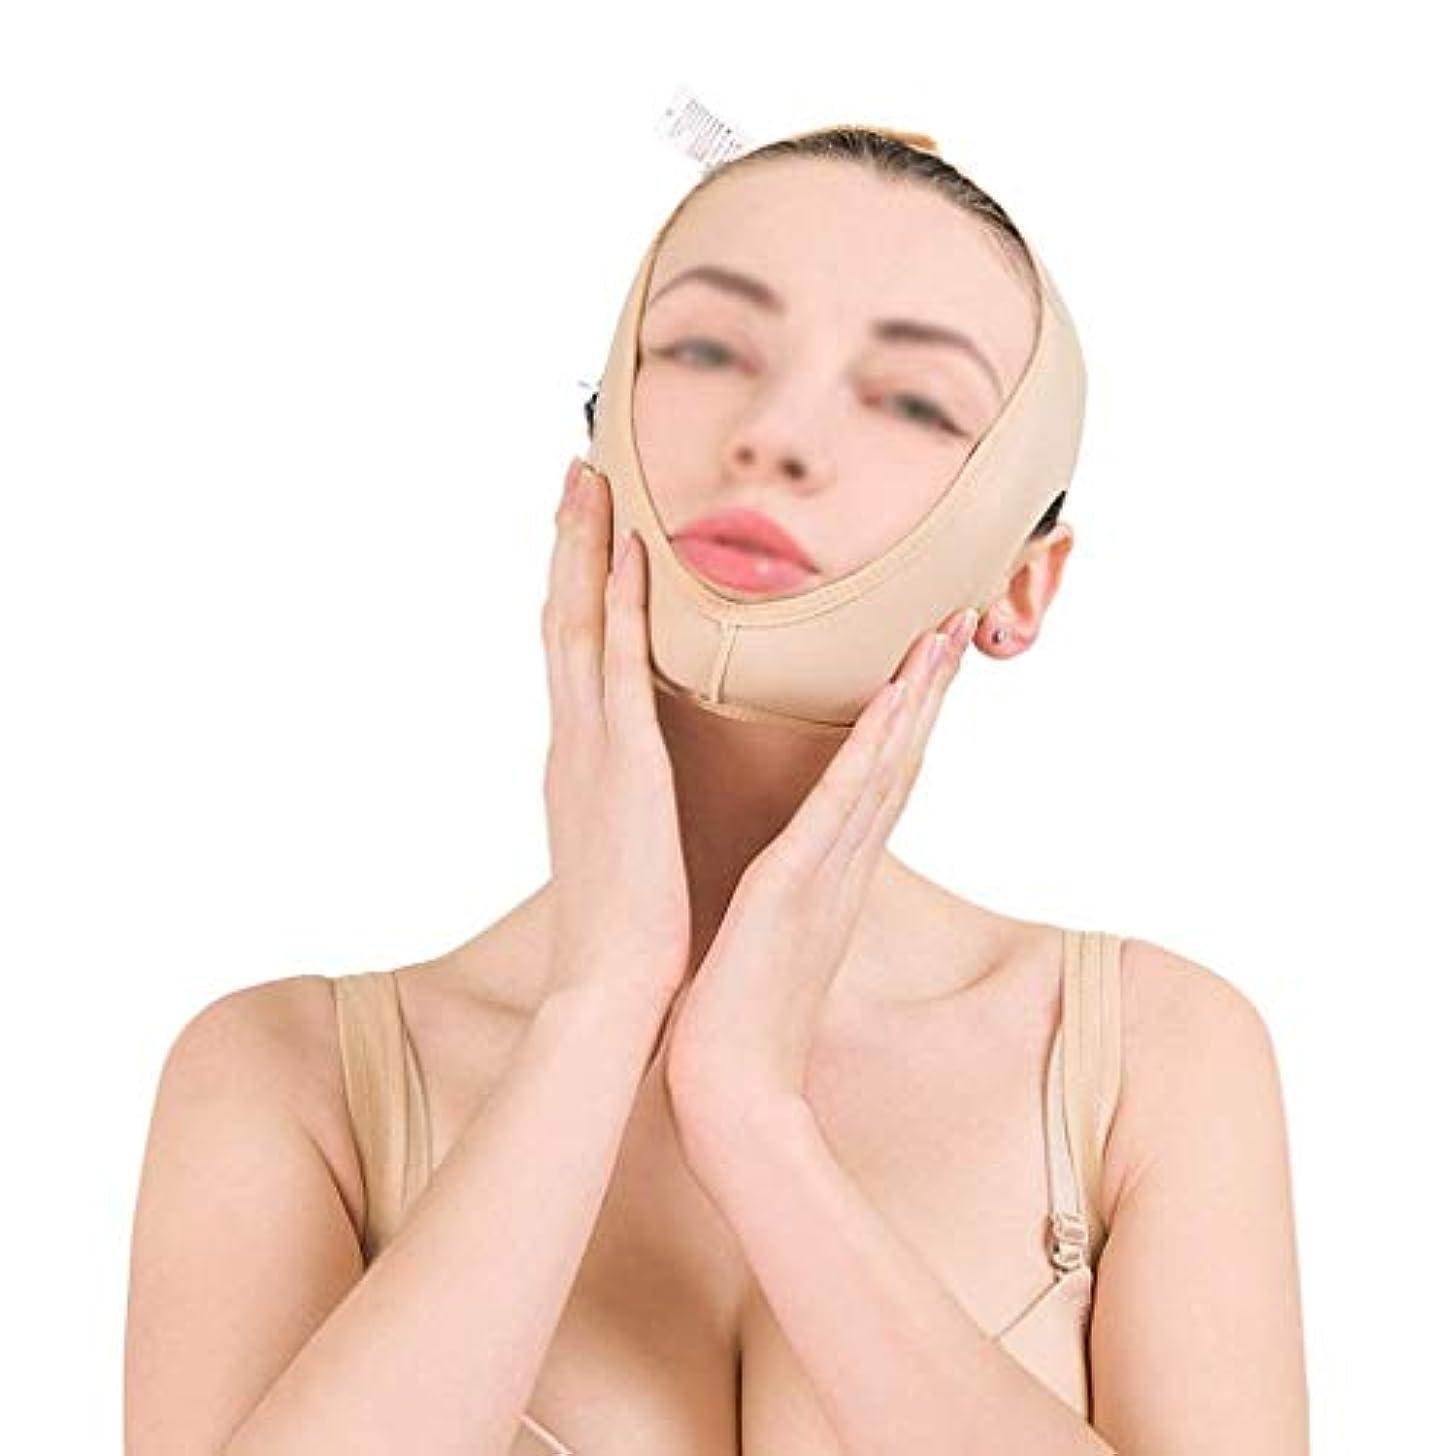 服を着る頂点ファランクスマスク減量、肌の包帯を引き締めるリフティングフェイスバンド、フェイスリフティング、ダブルチンビューティバンデージ、フェイスリフト(サイズ:L),ザ?